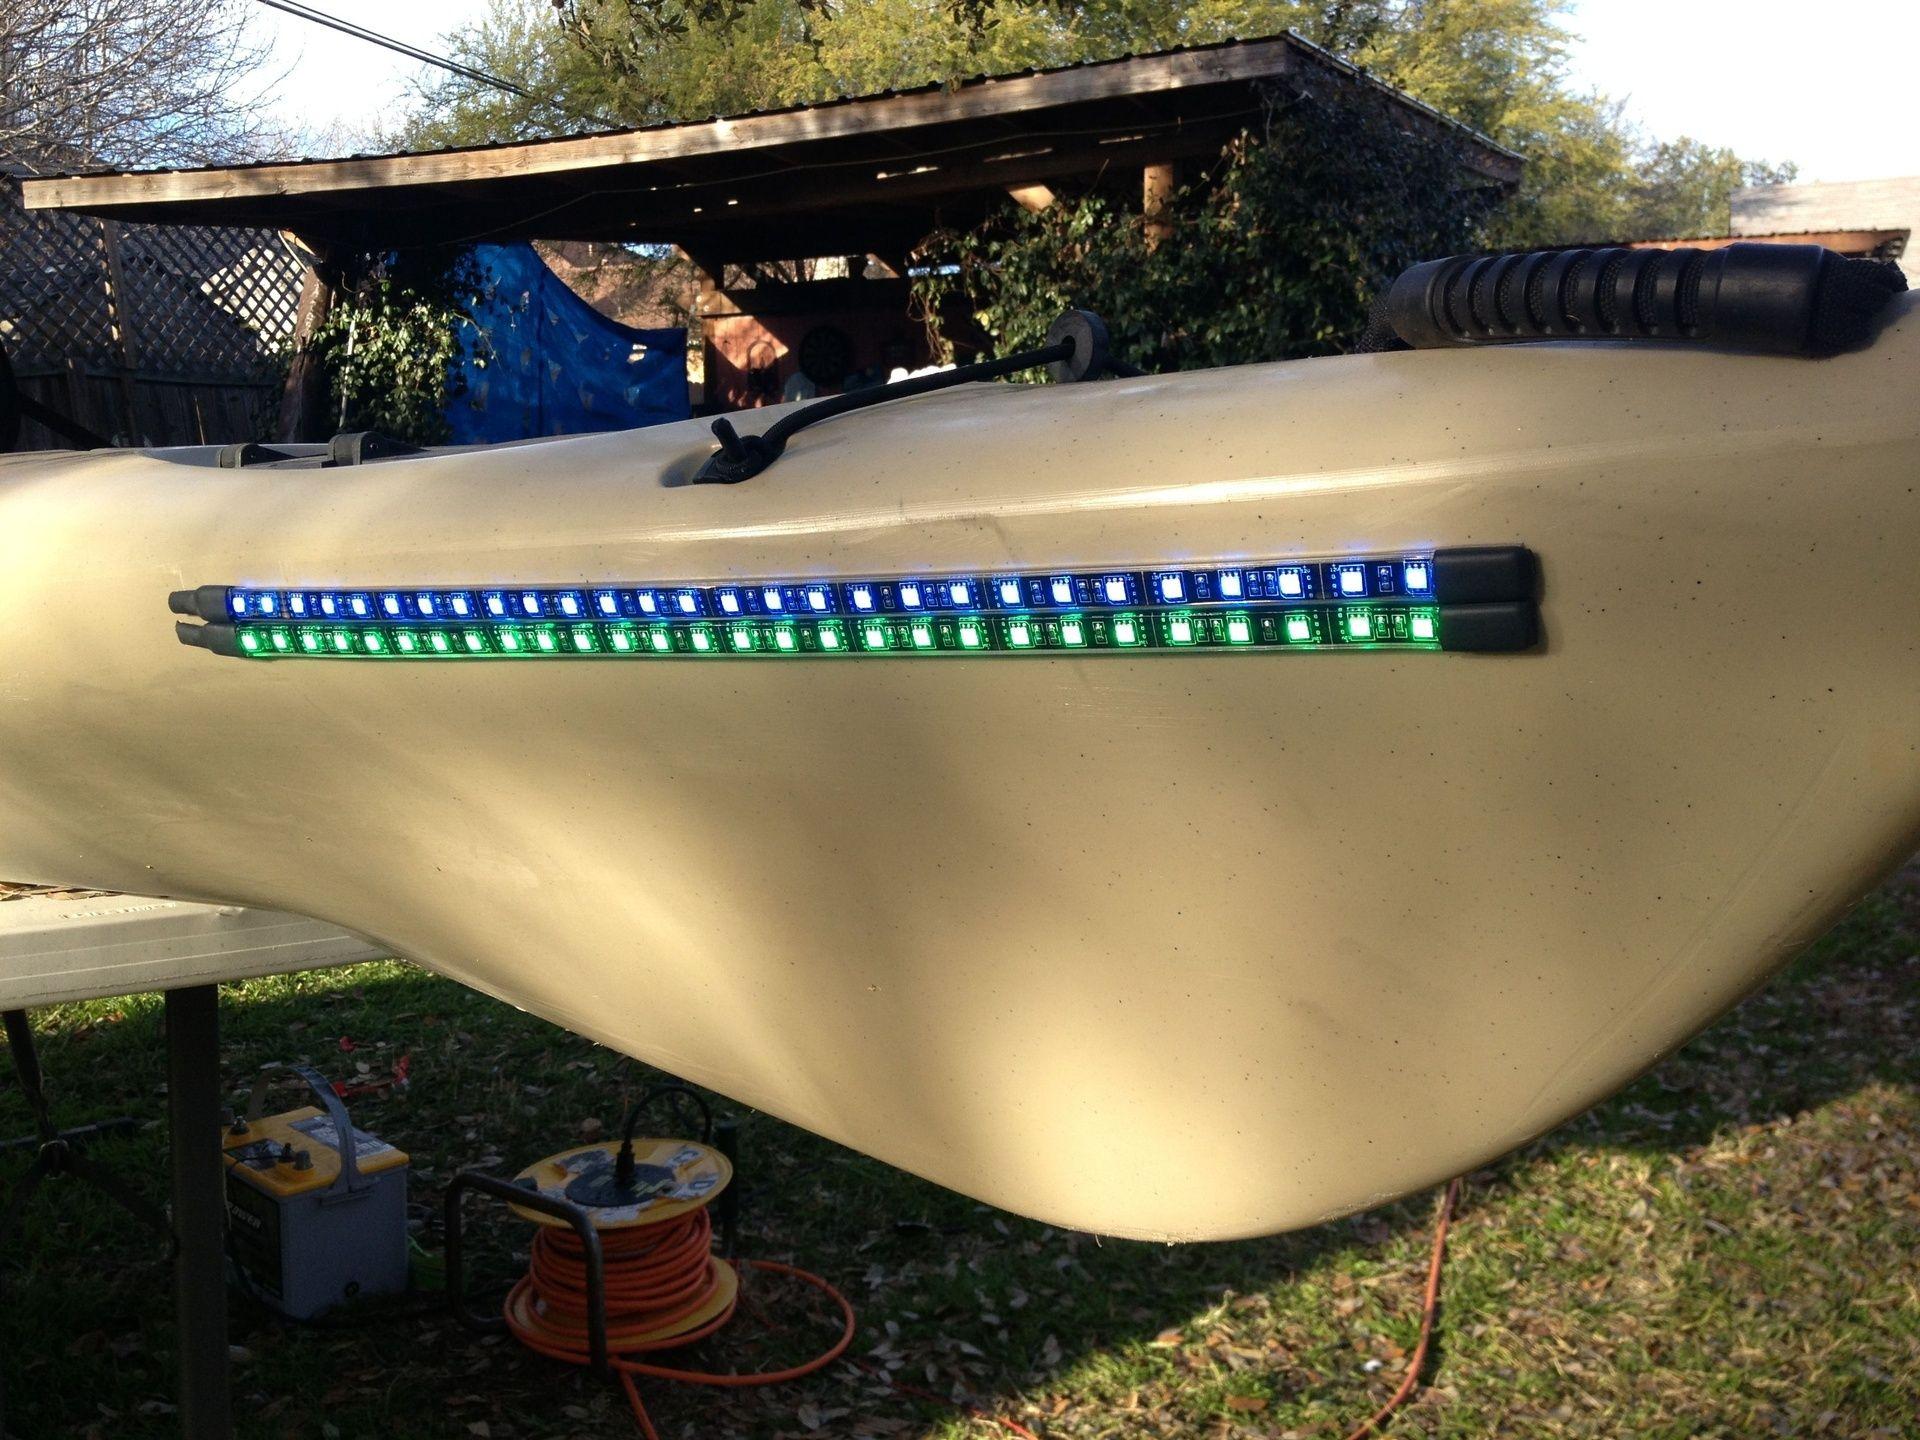 Kayak Fishing Lights SuperNova Fishing Lights. Www.supernovafishinglights .com